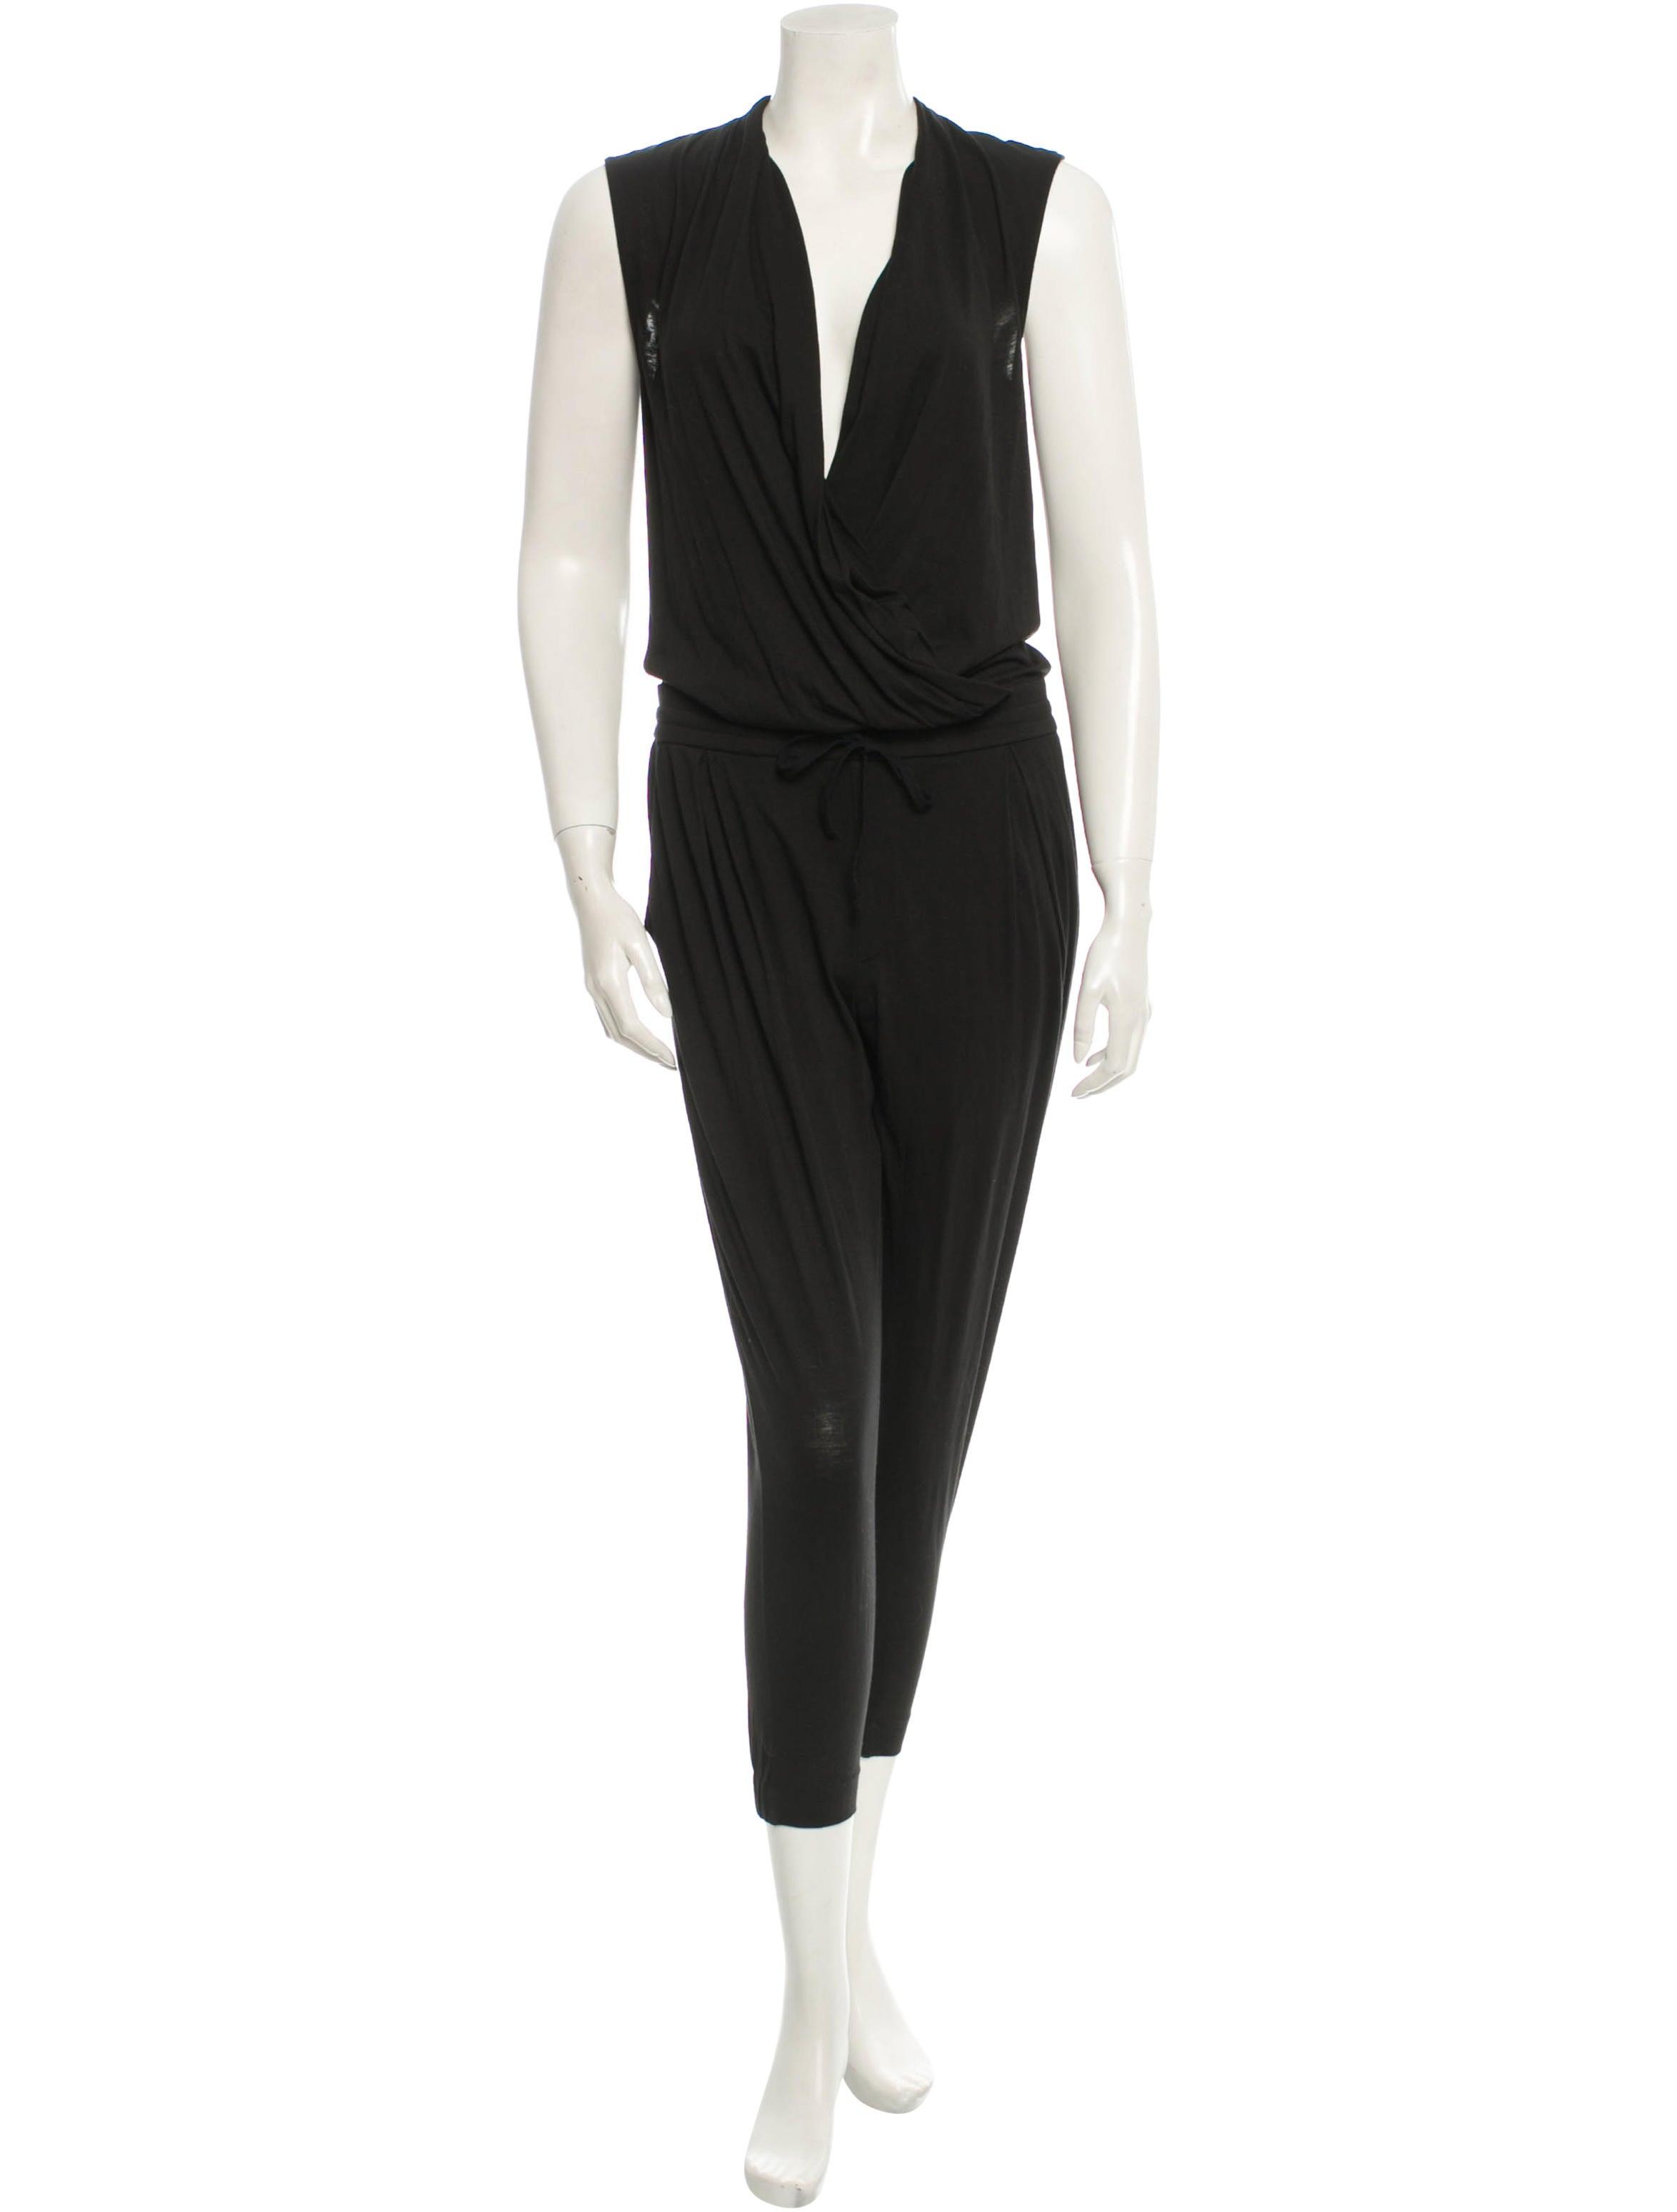 schwarzer jumpsuit lang schwarz gemustert sommer jumpsuit. Black Bedroom Furniture Sets. Home Design Ideas